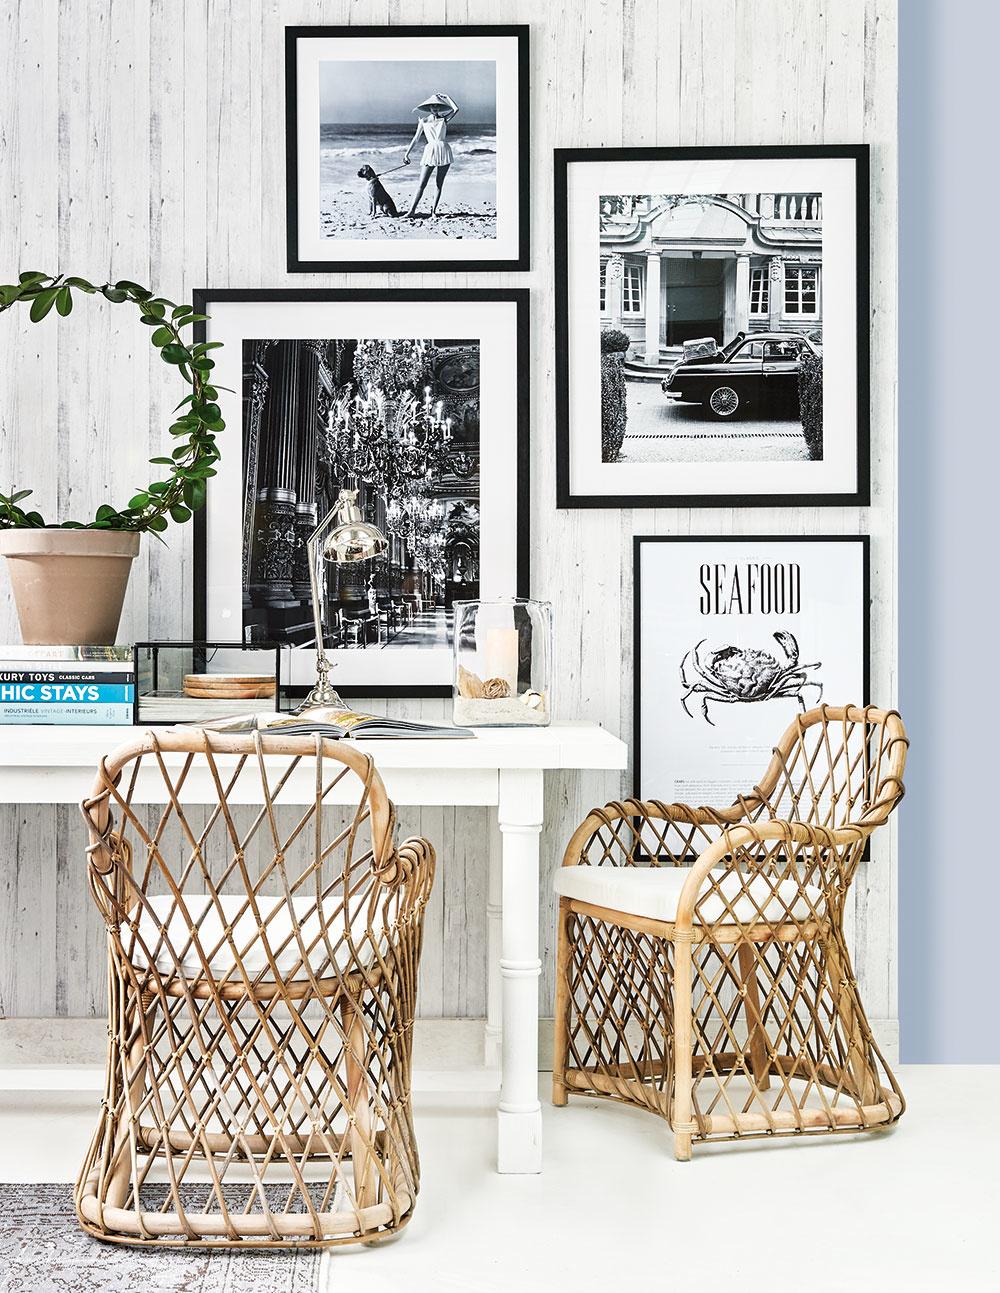 Nadčasové kúsky majú vjeho obývačke svoje pevné miesto. RIVIÈRA MAISON